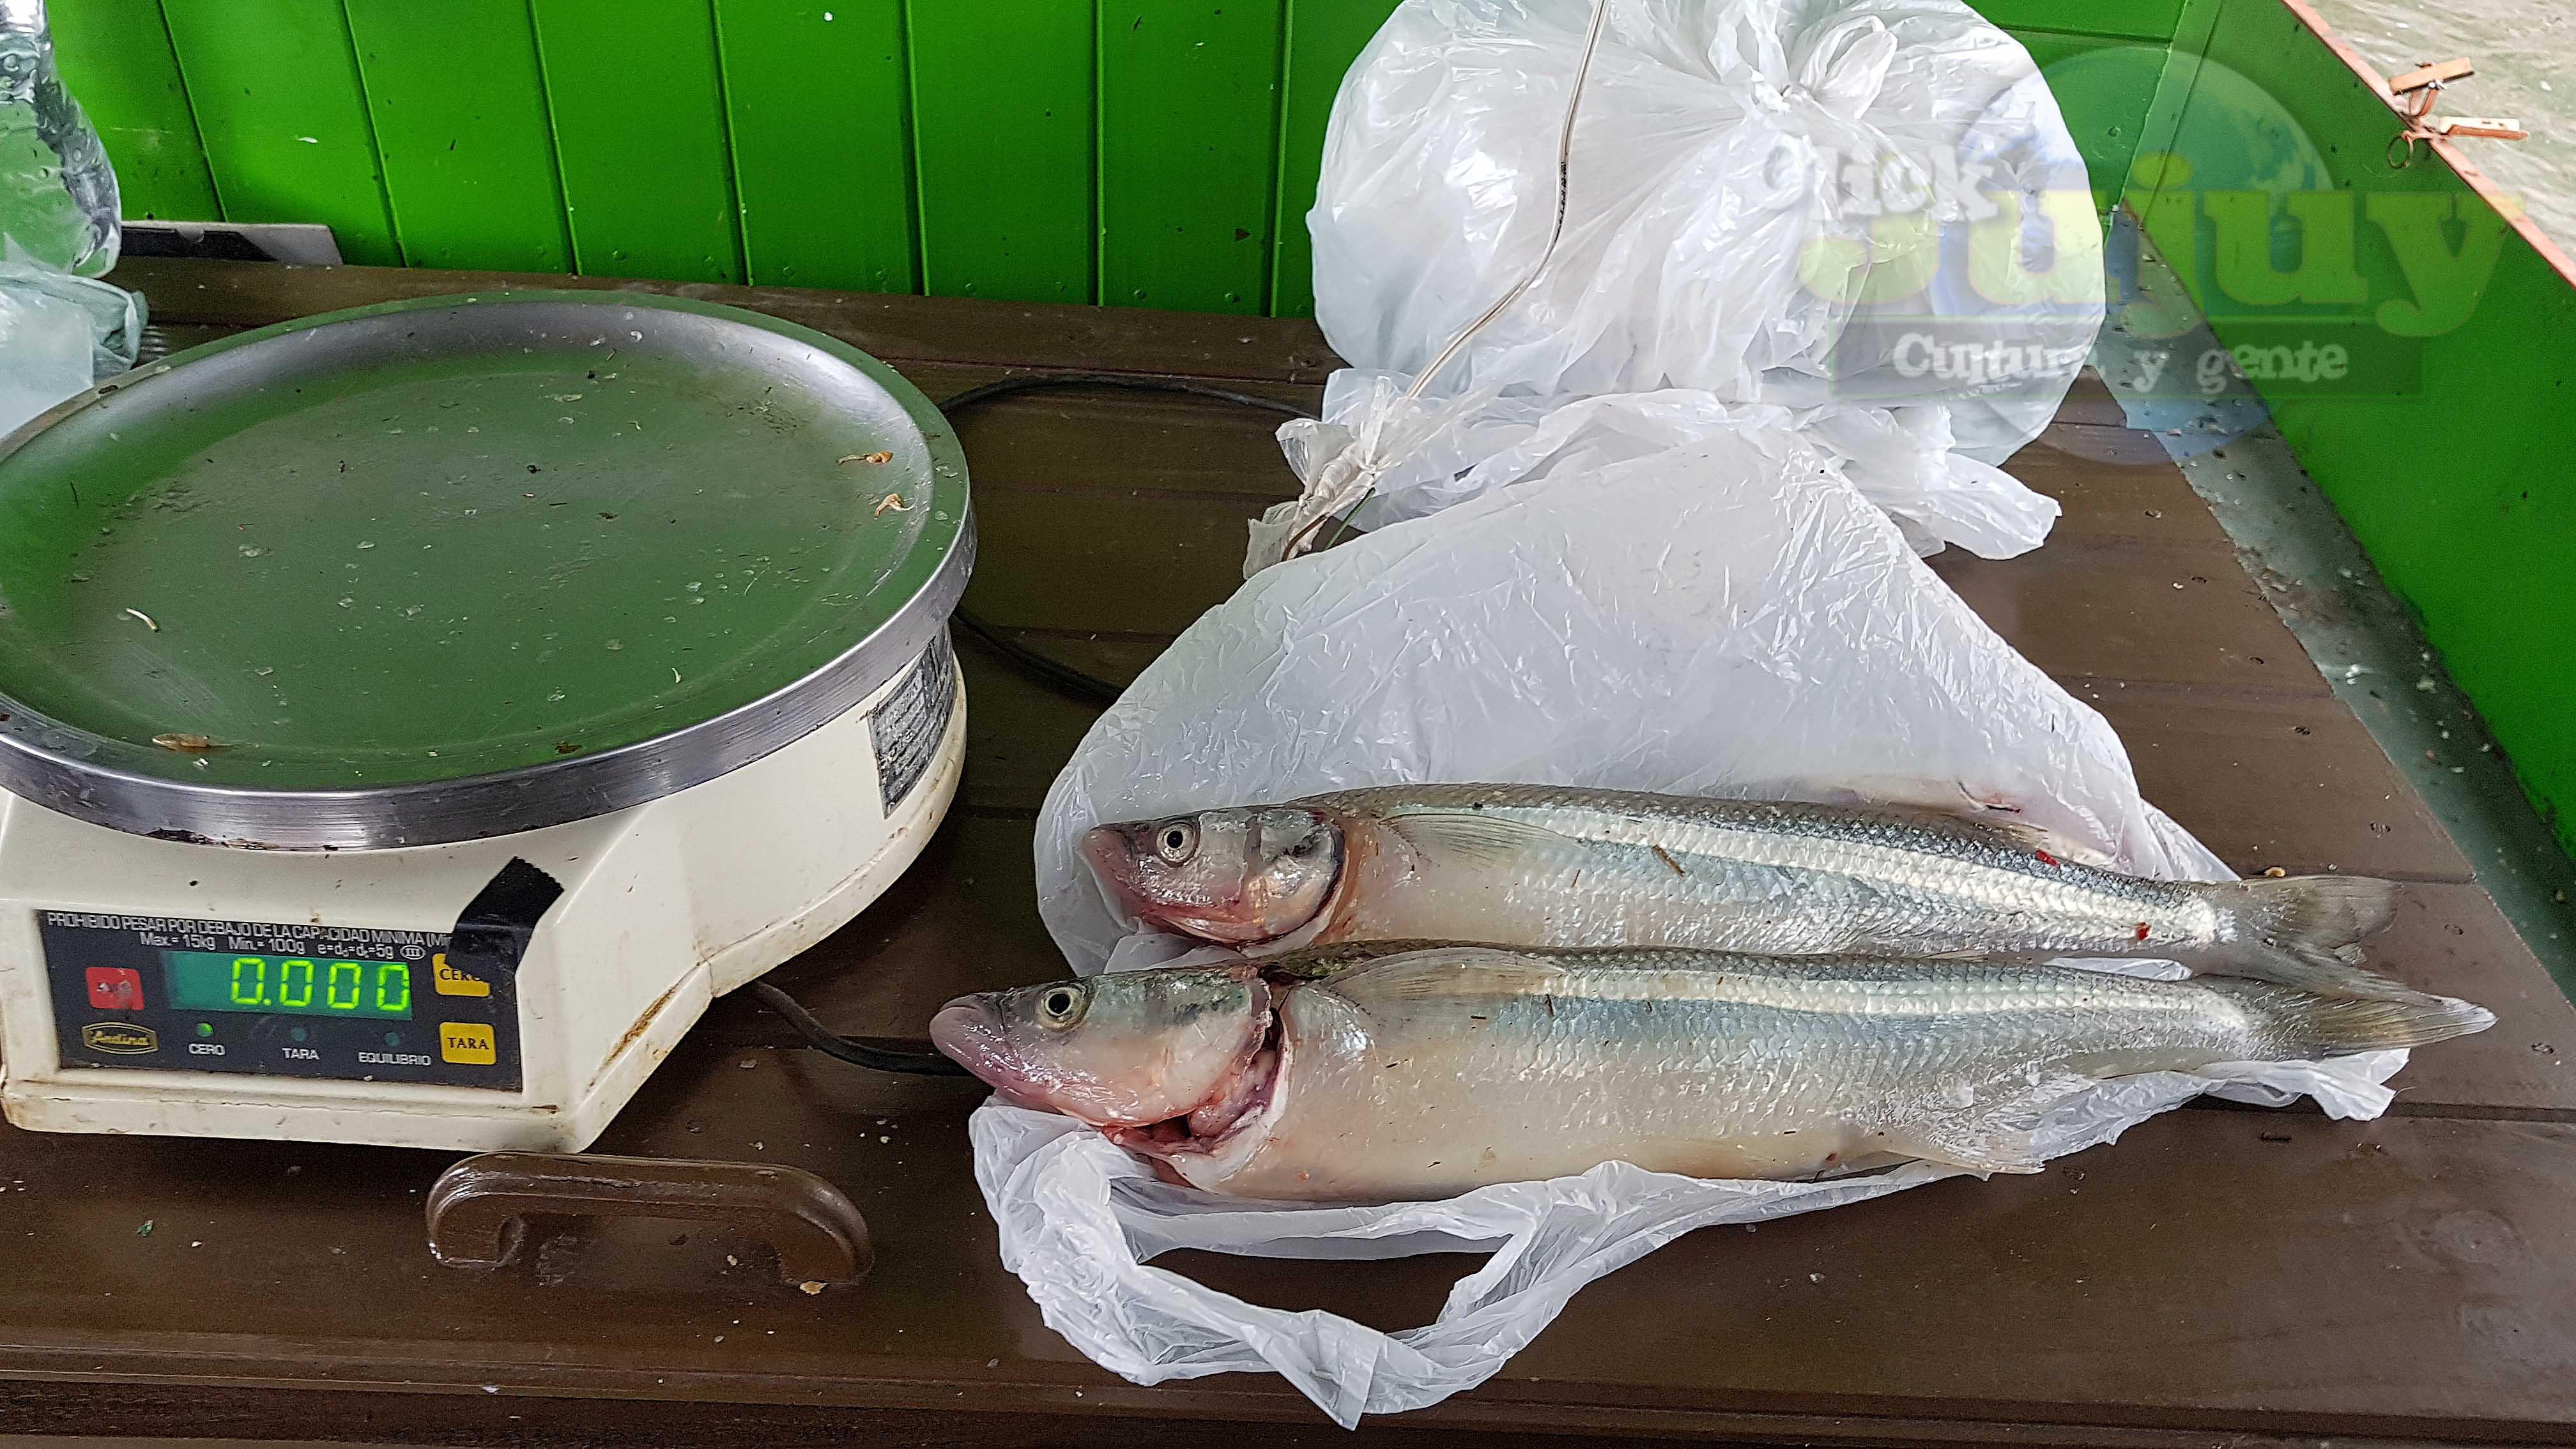 Concurso de pesca pejerrery - Dique Las Maderas 3